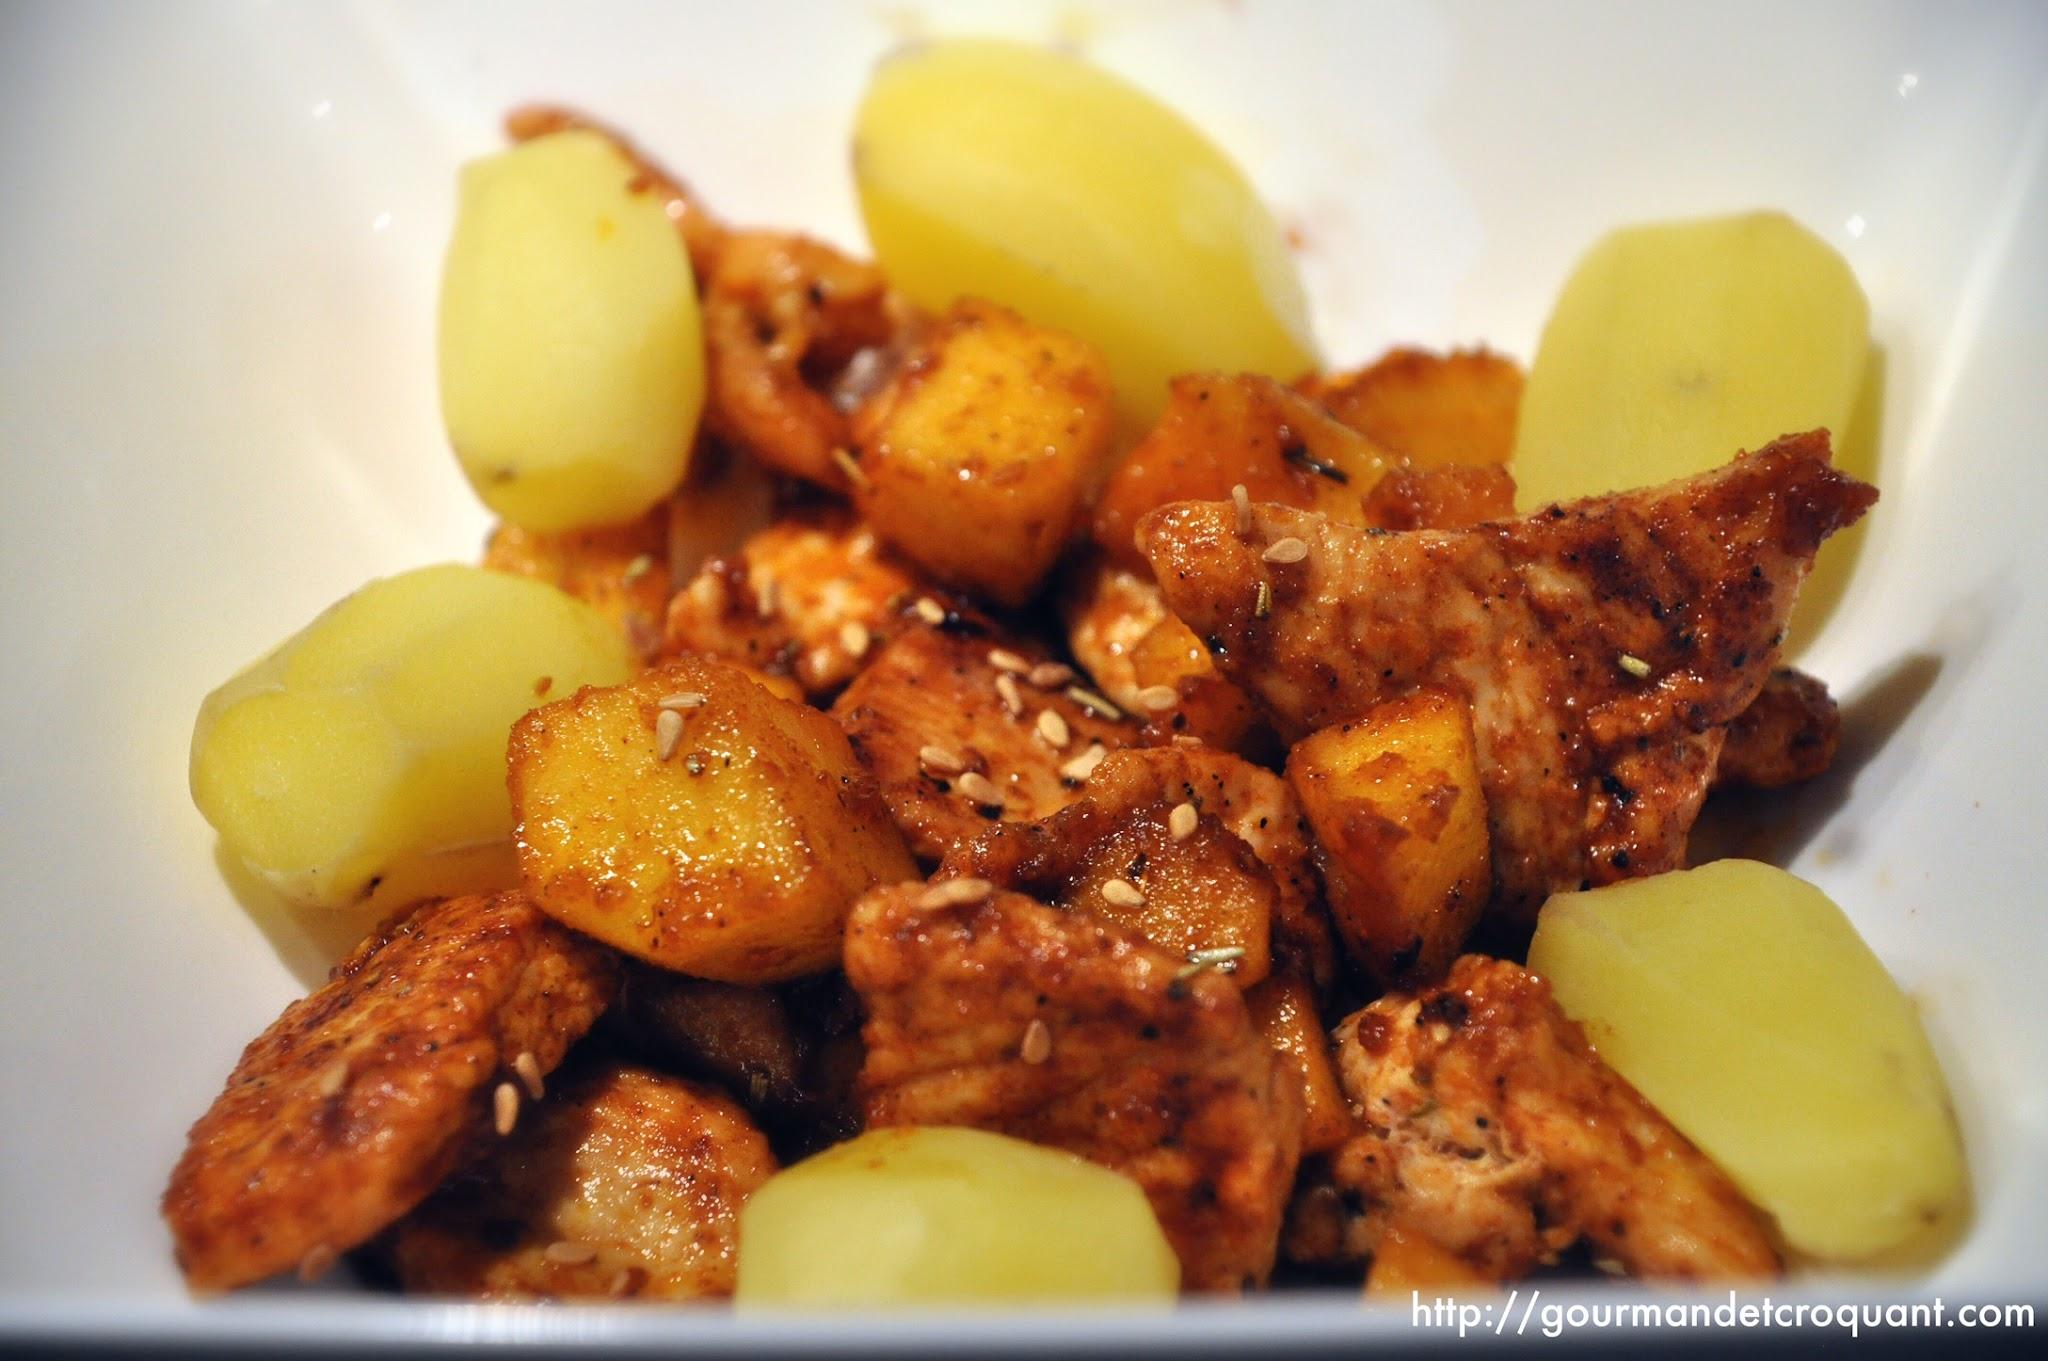 recette-delhaize-3-euros-dinde-pommes